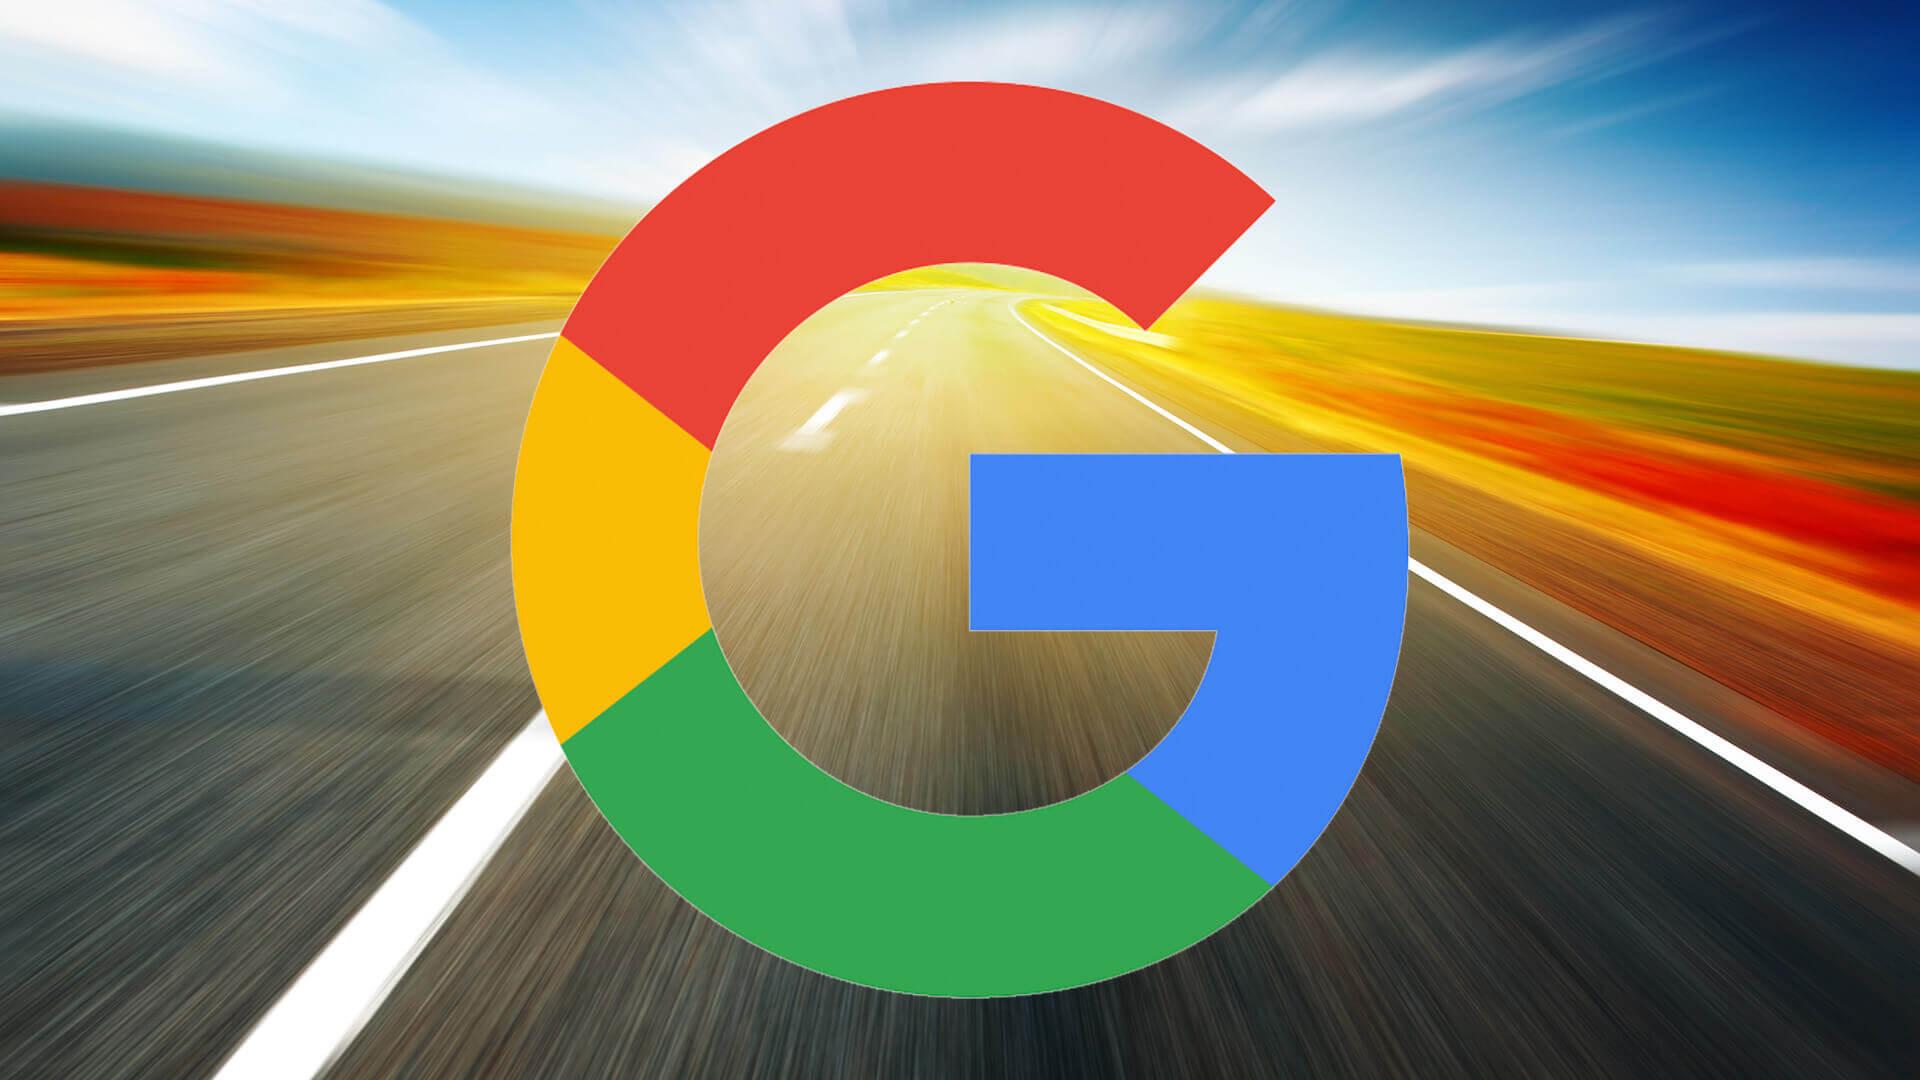 google amp fast speed travel ss 1920 - AO VIVO: Confira as Novidades do Google